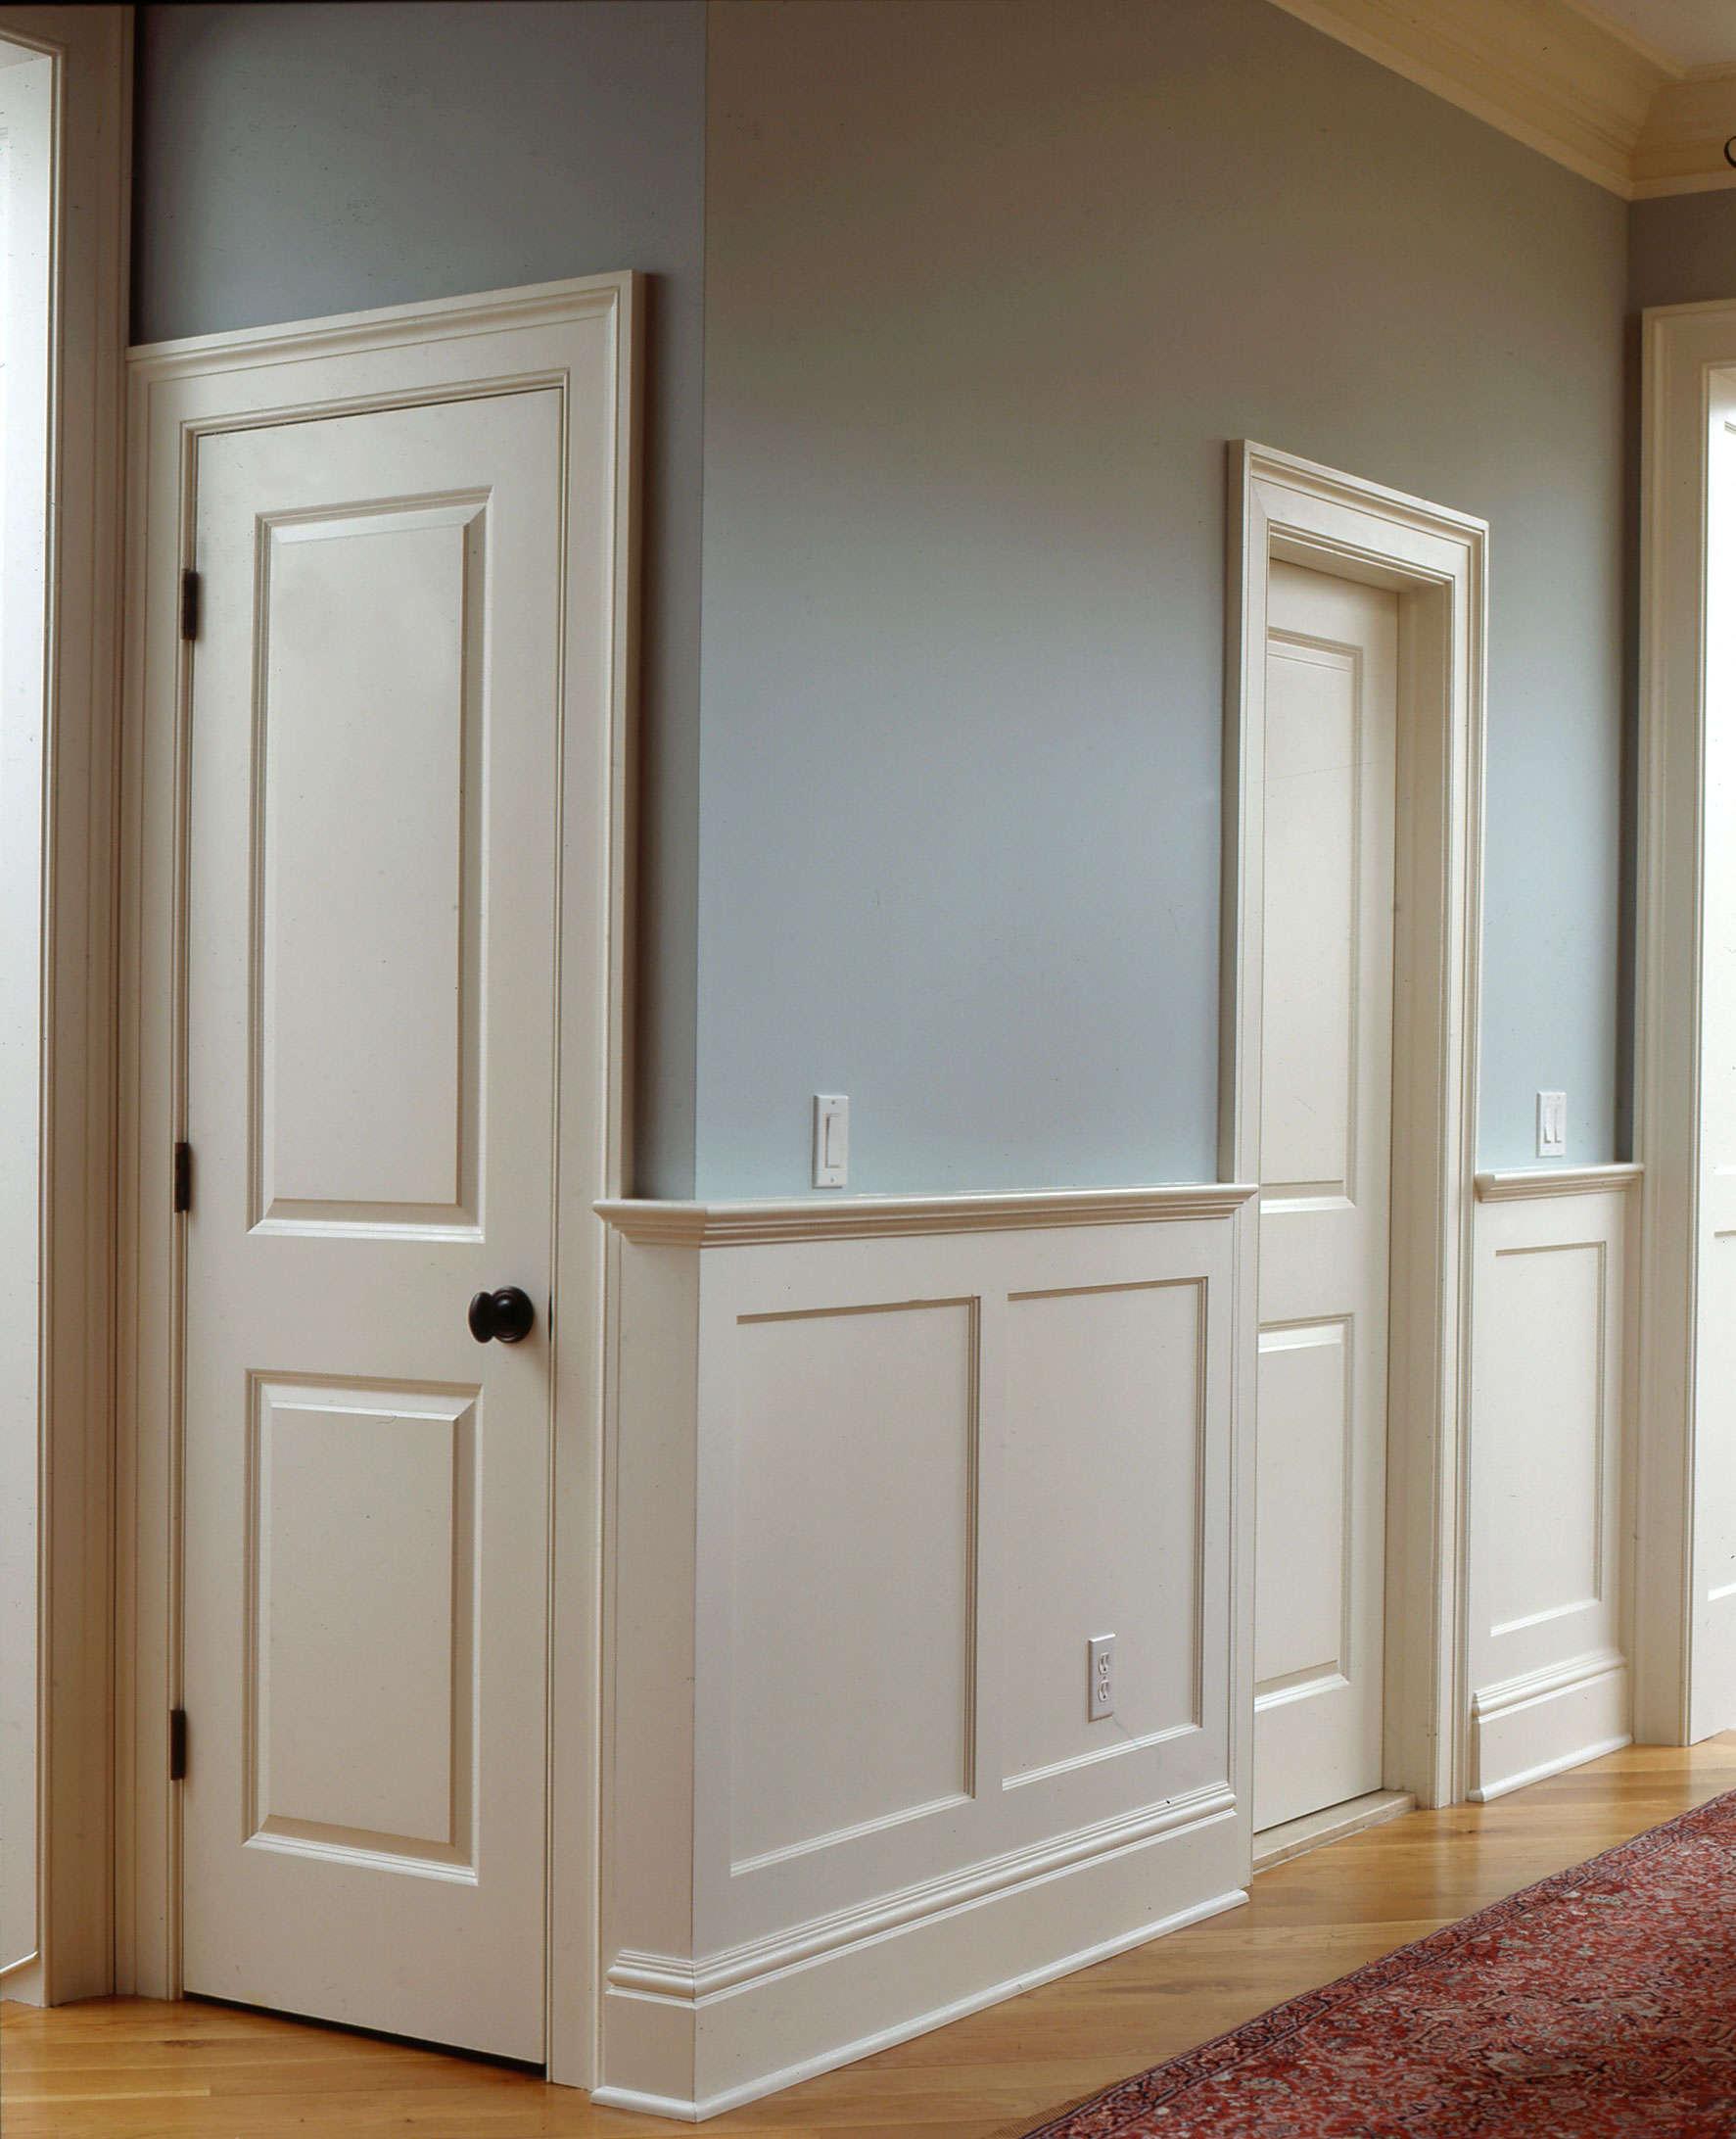 Белые откосы на двери